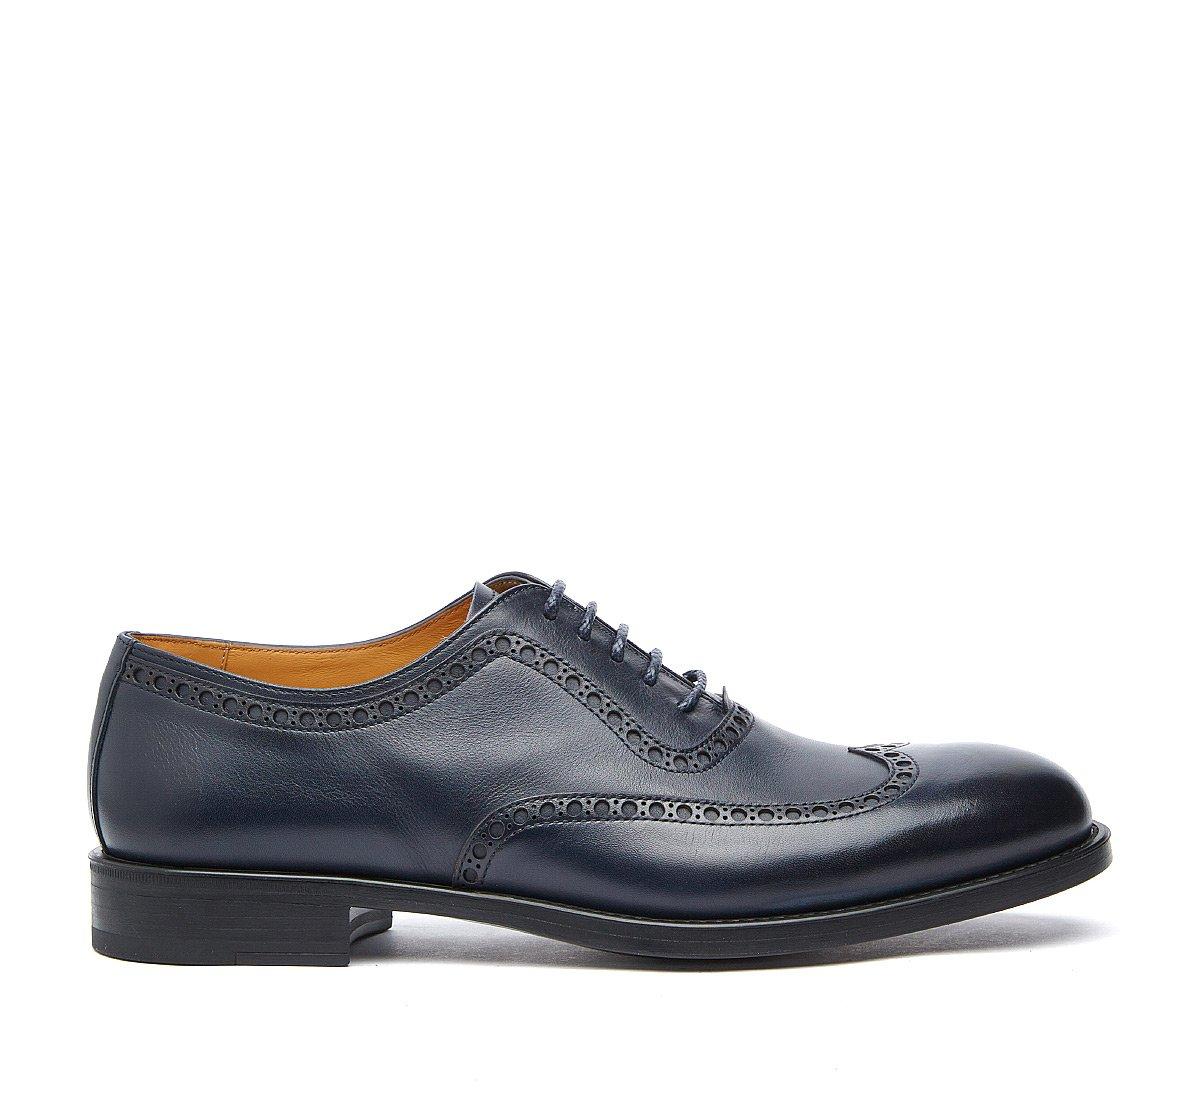 Классические мужские туфли из телячьей кожи